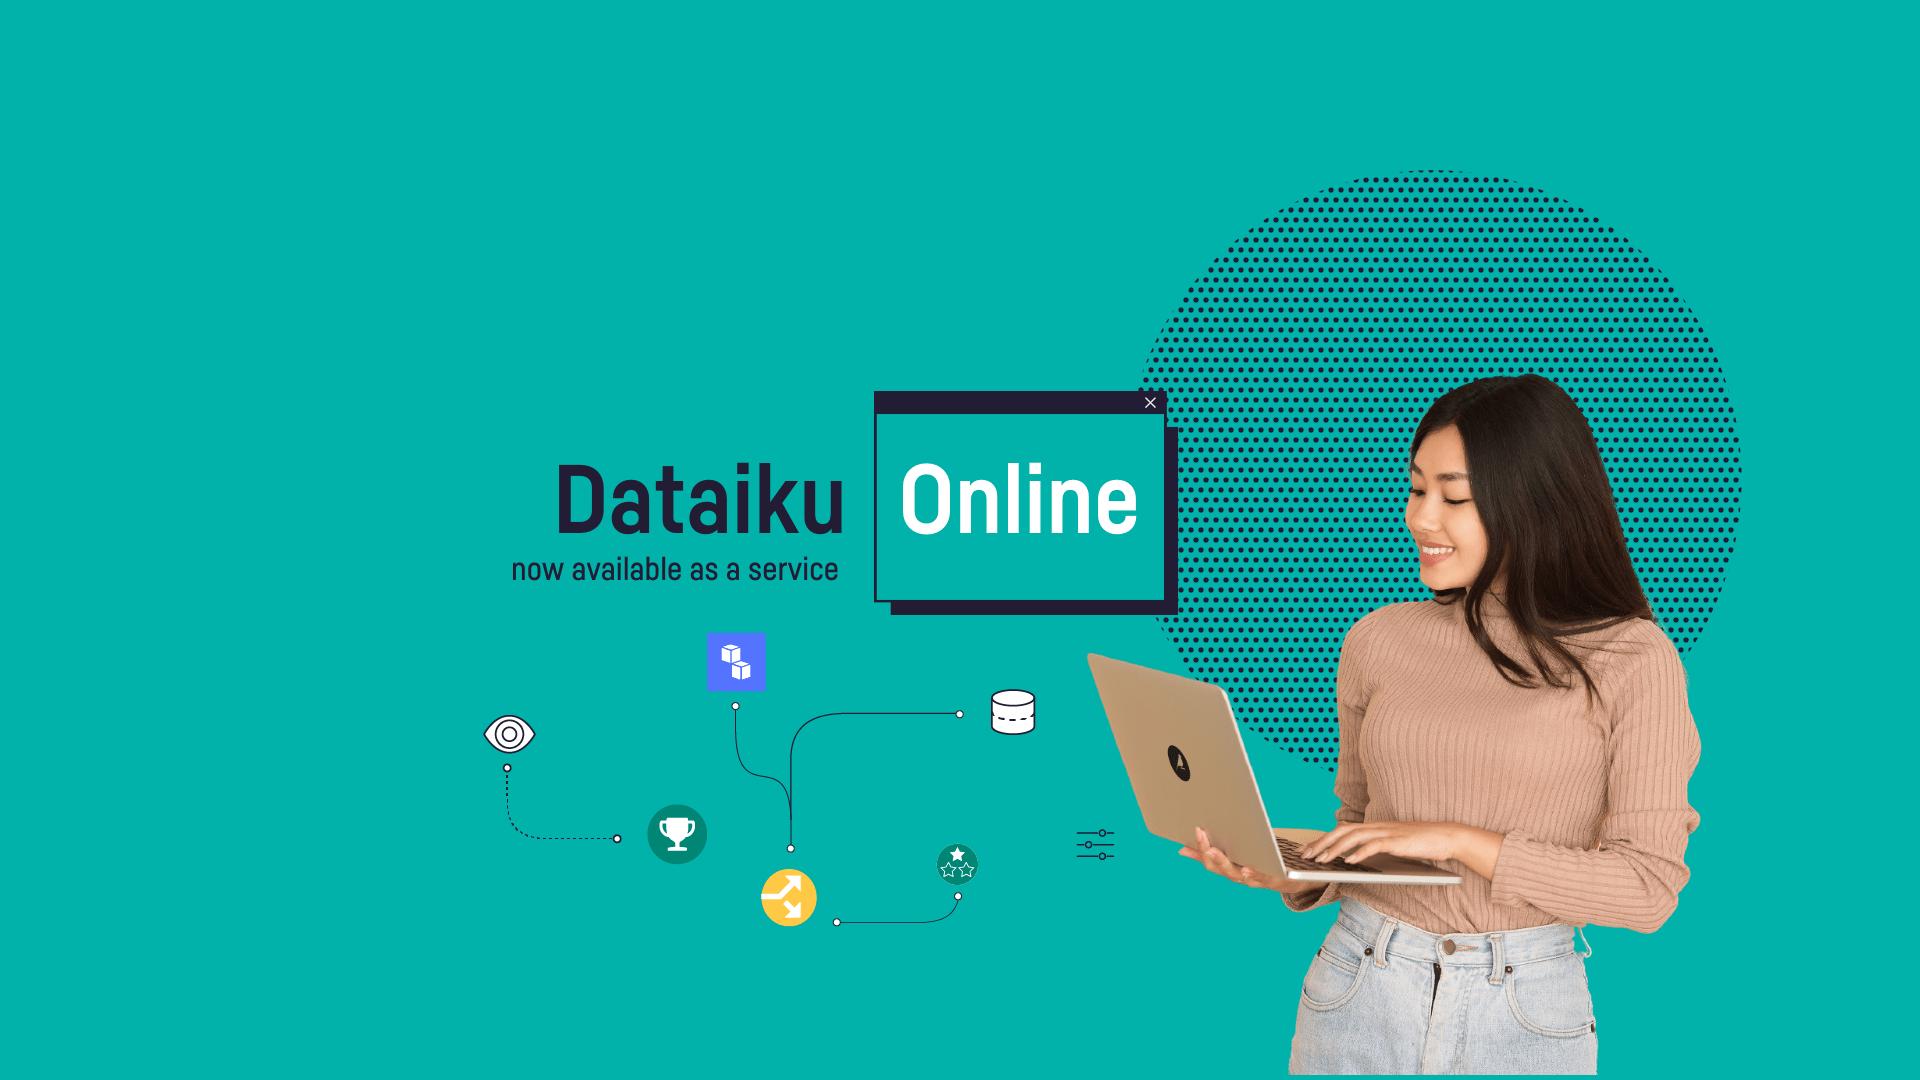 analytics Dataiku